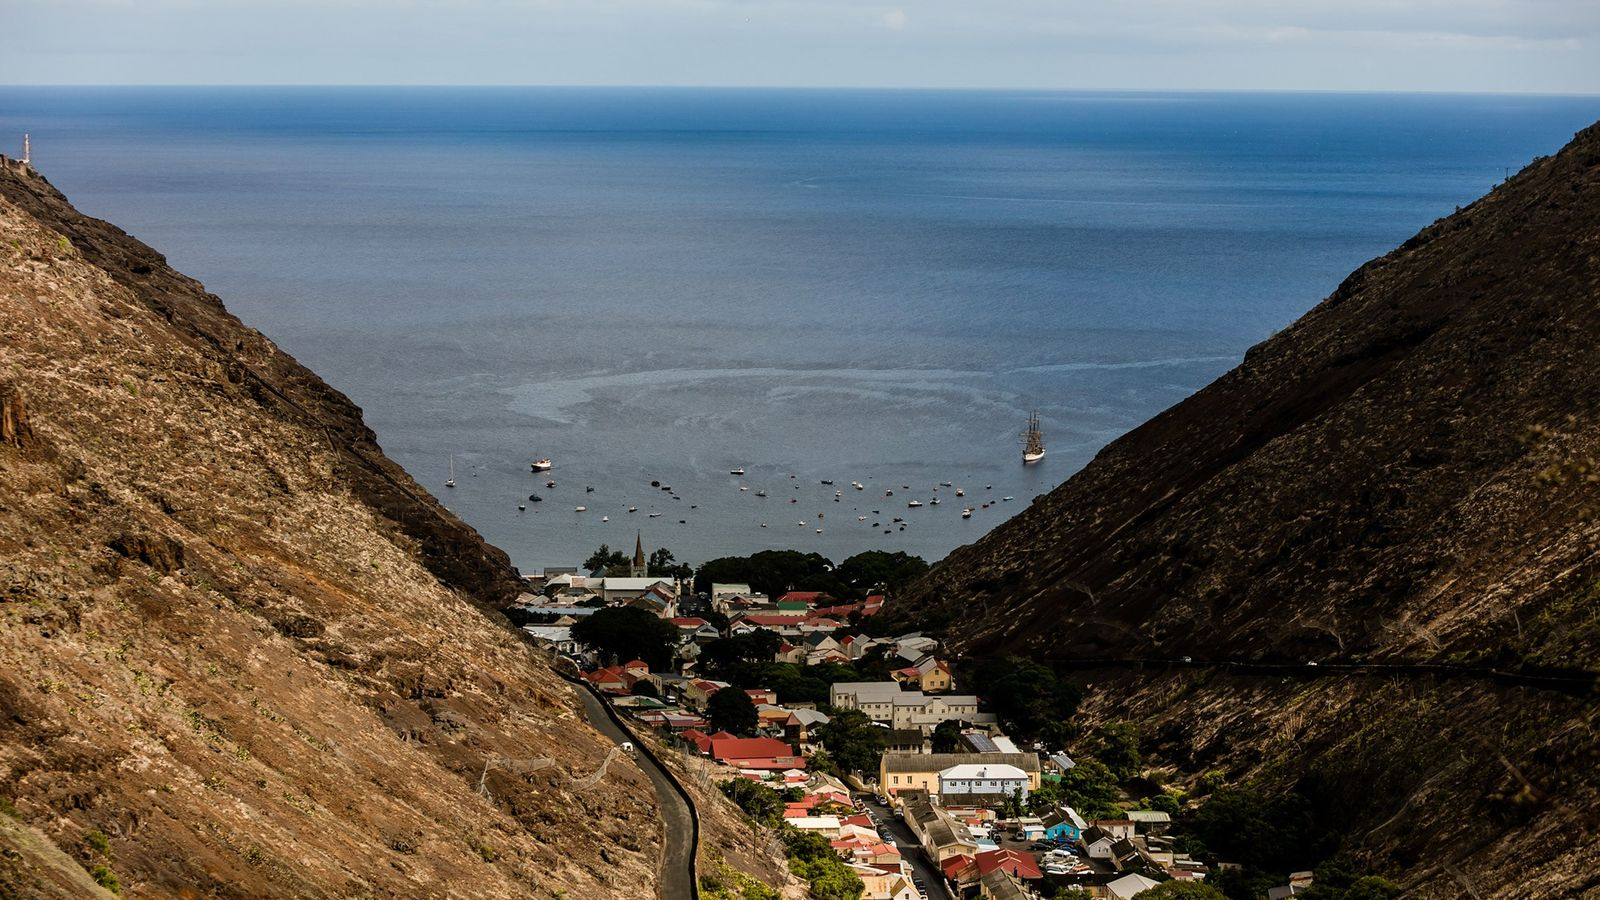 No Oceano Atlântico, aninhada entre montanhas vulcânicas, a cidade de Jamestown atua como a capital da ...